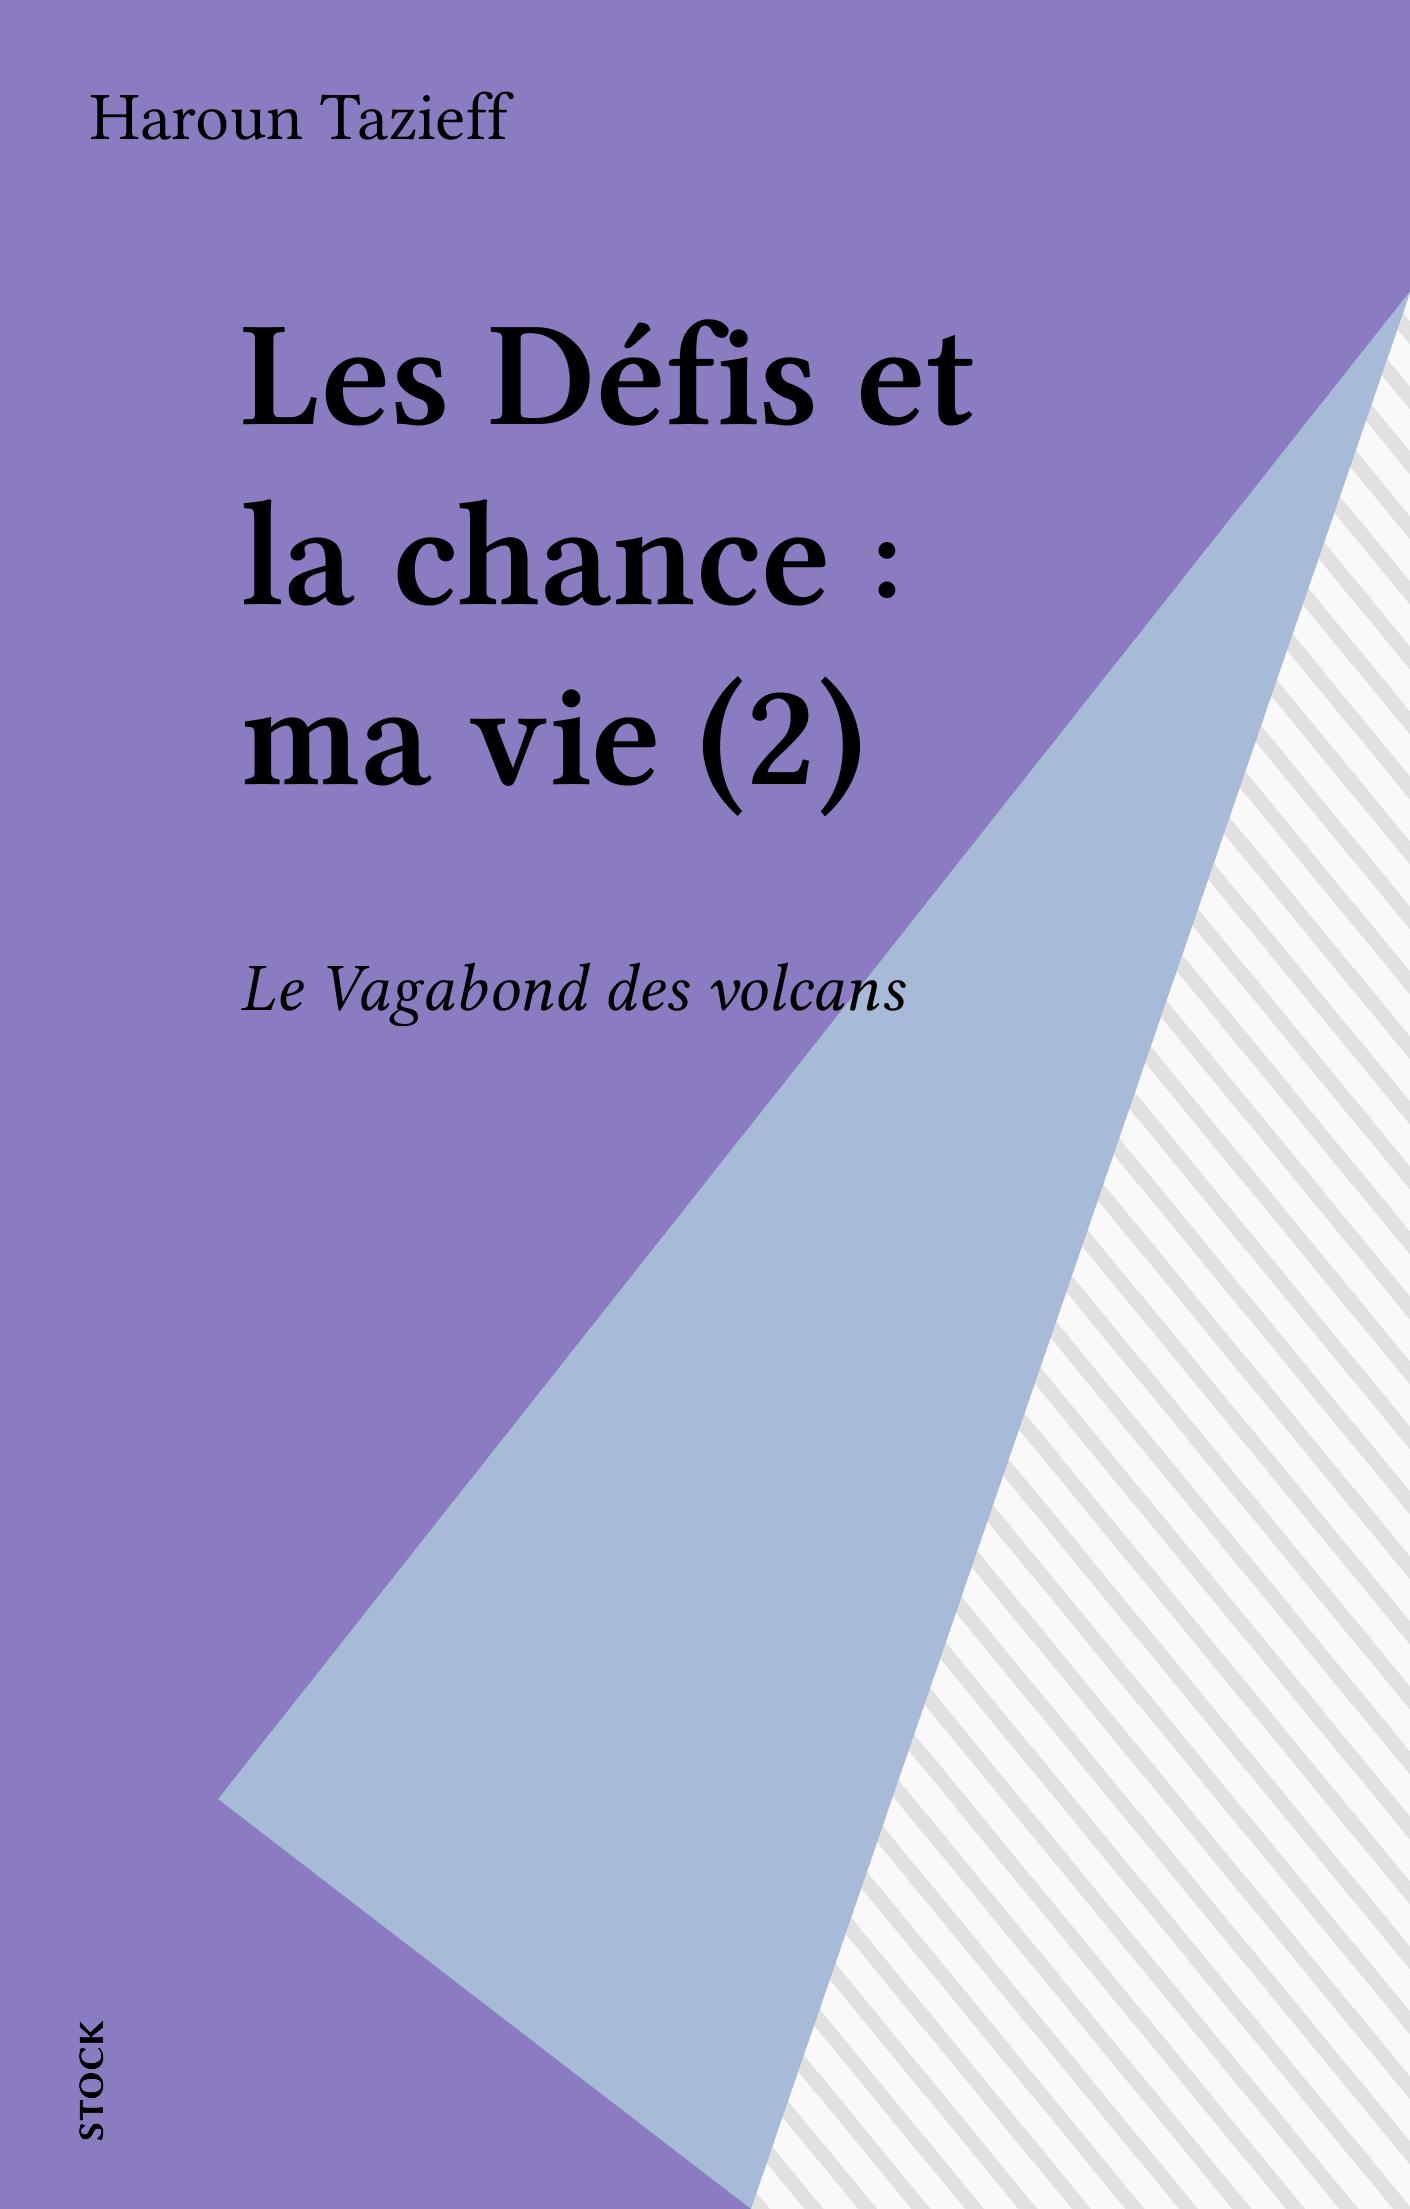 Les Défis et la chance : ma vie (2), LE VAGABOND DES VOLCANS